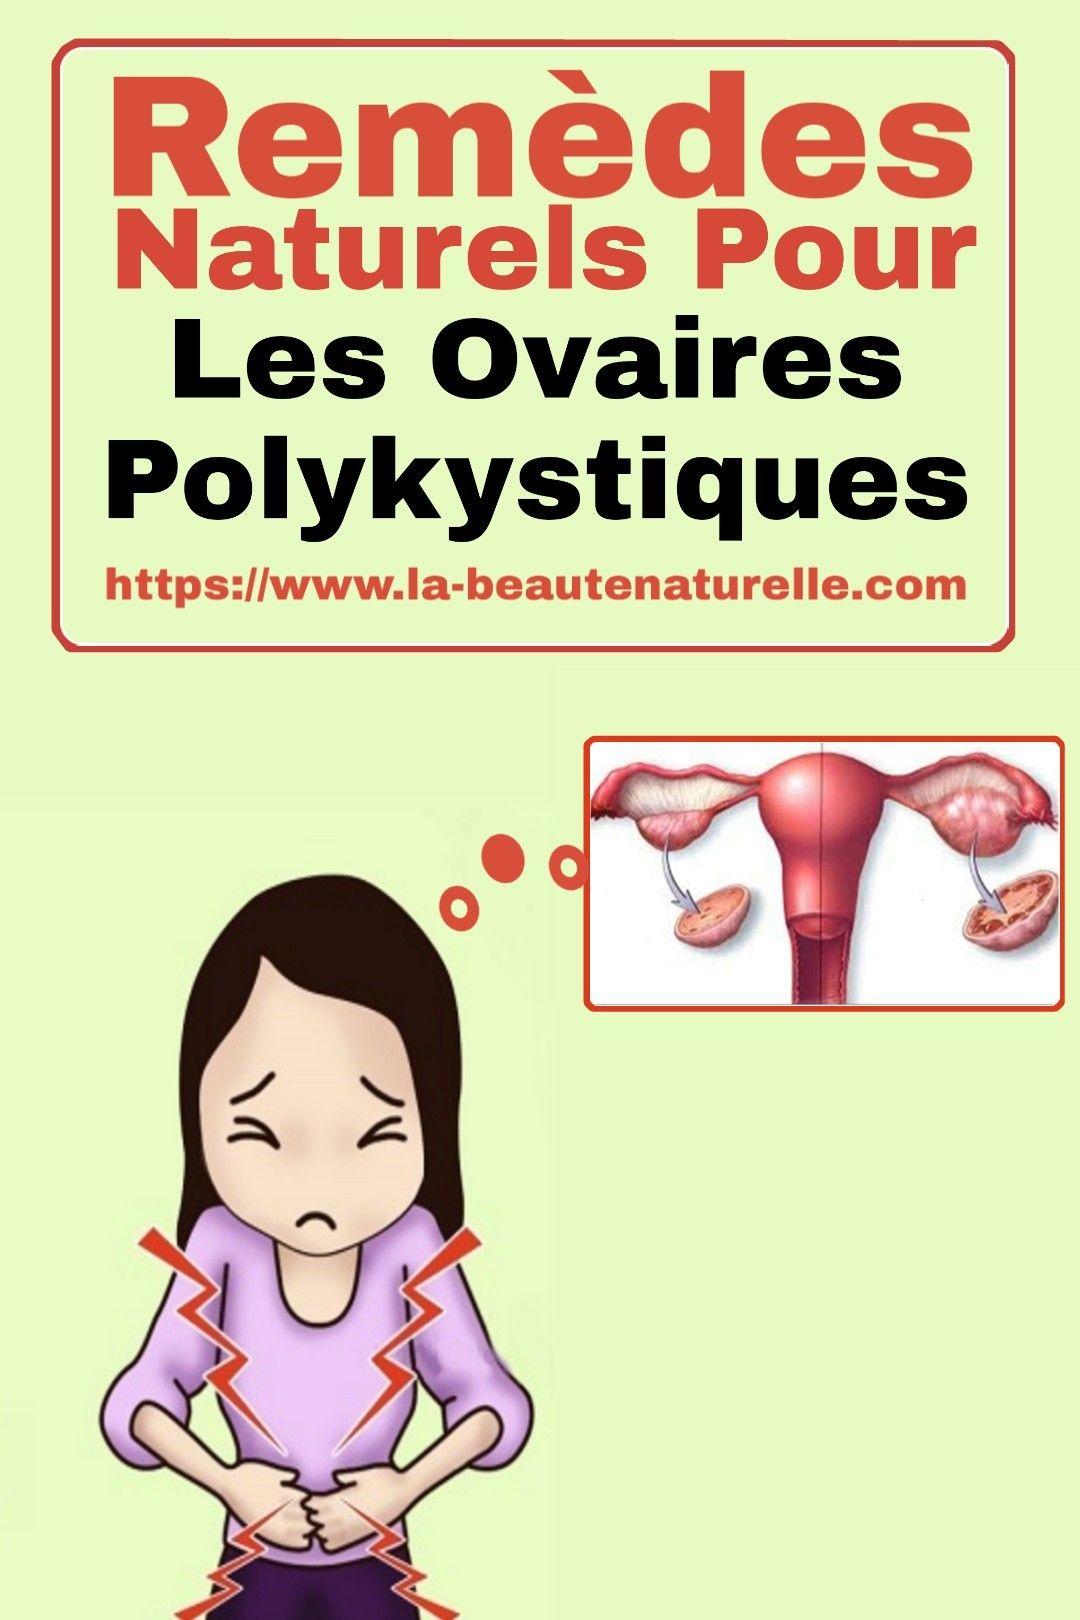 perte de poids par maladie des ovaires polykystiques